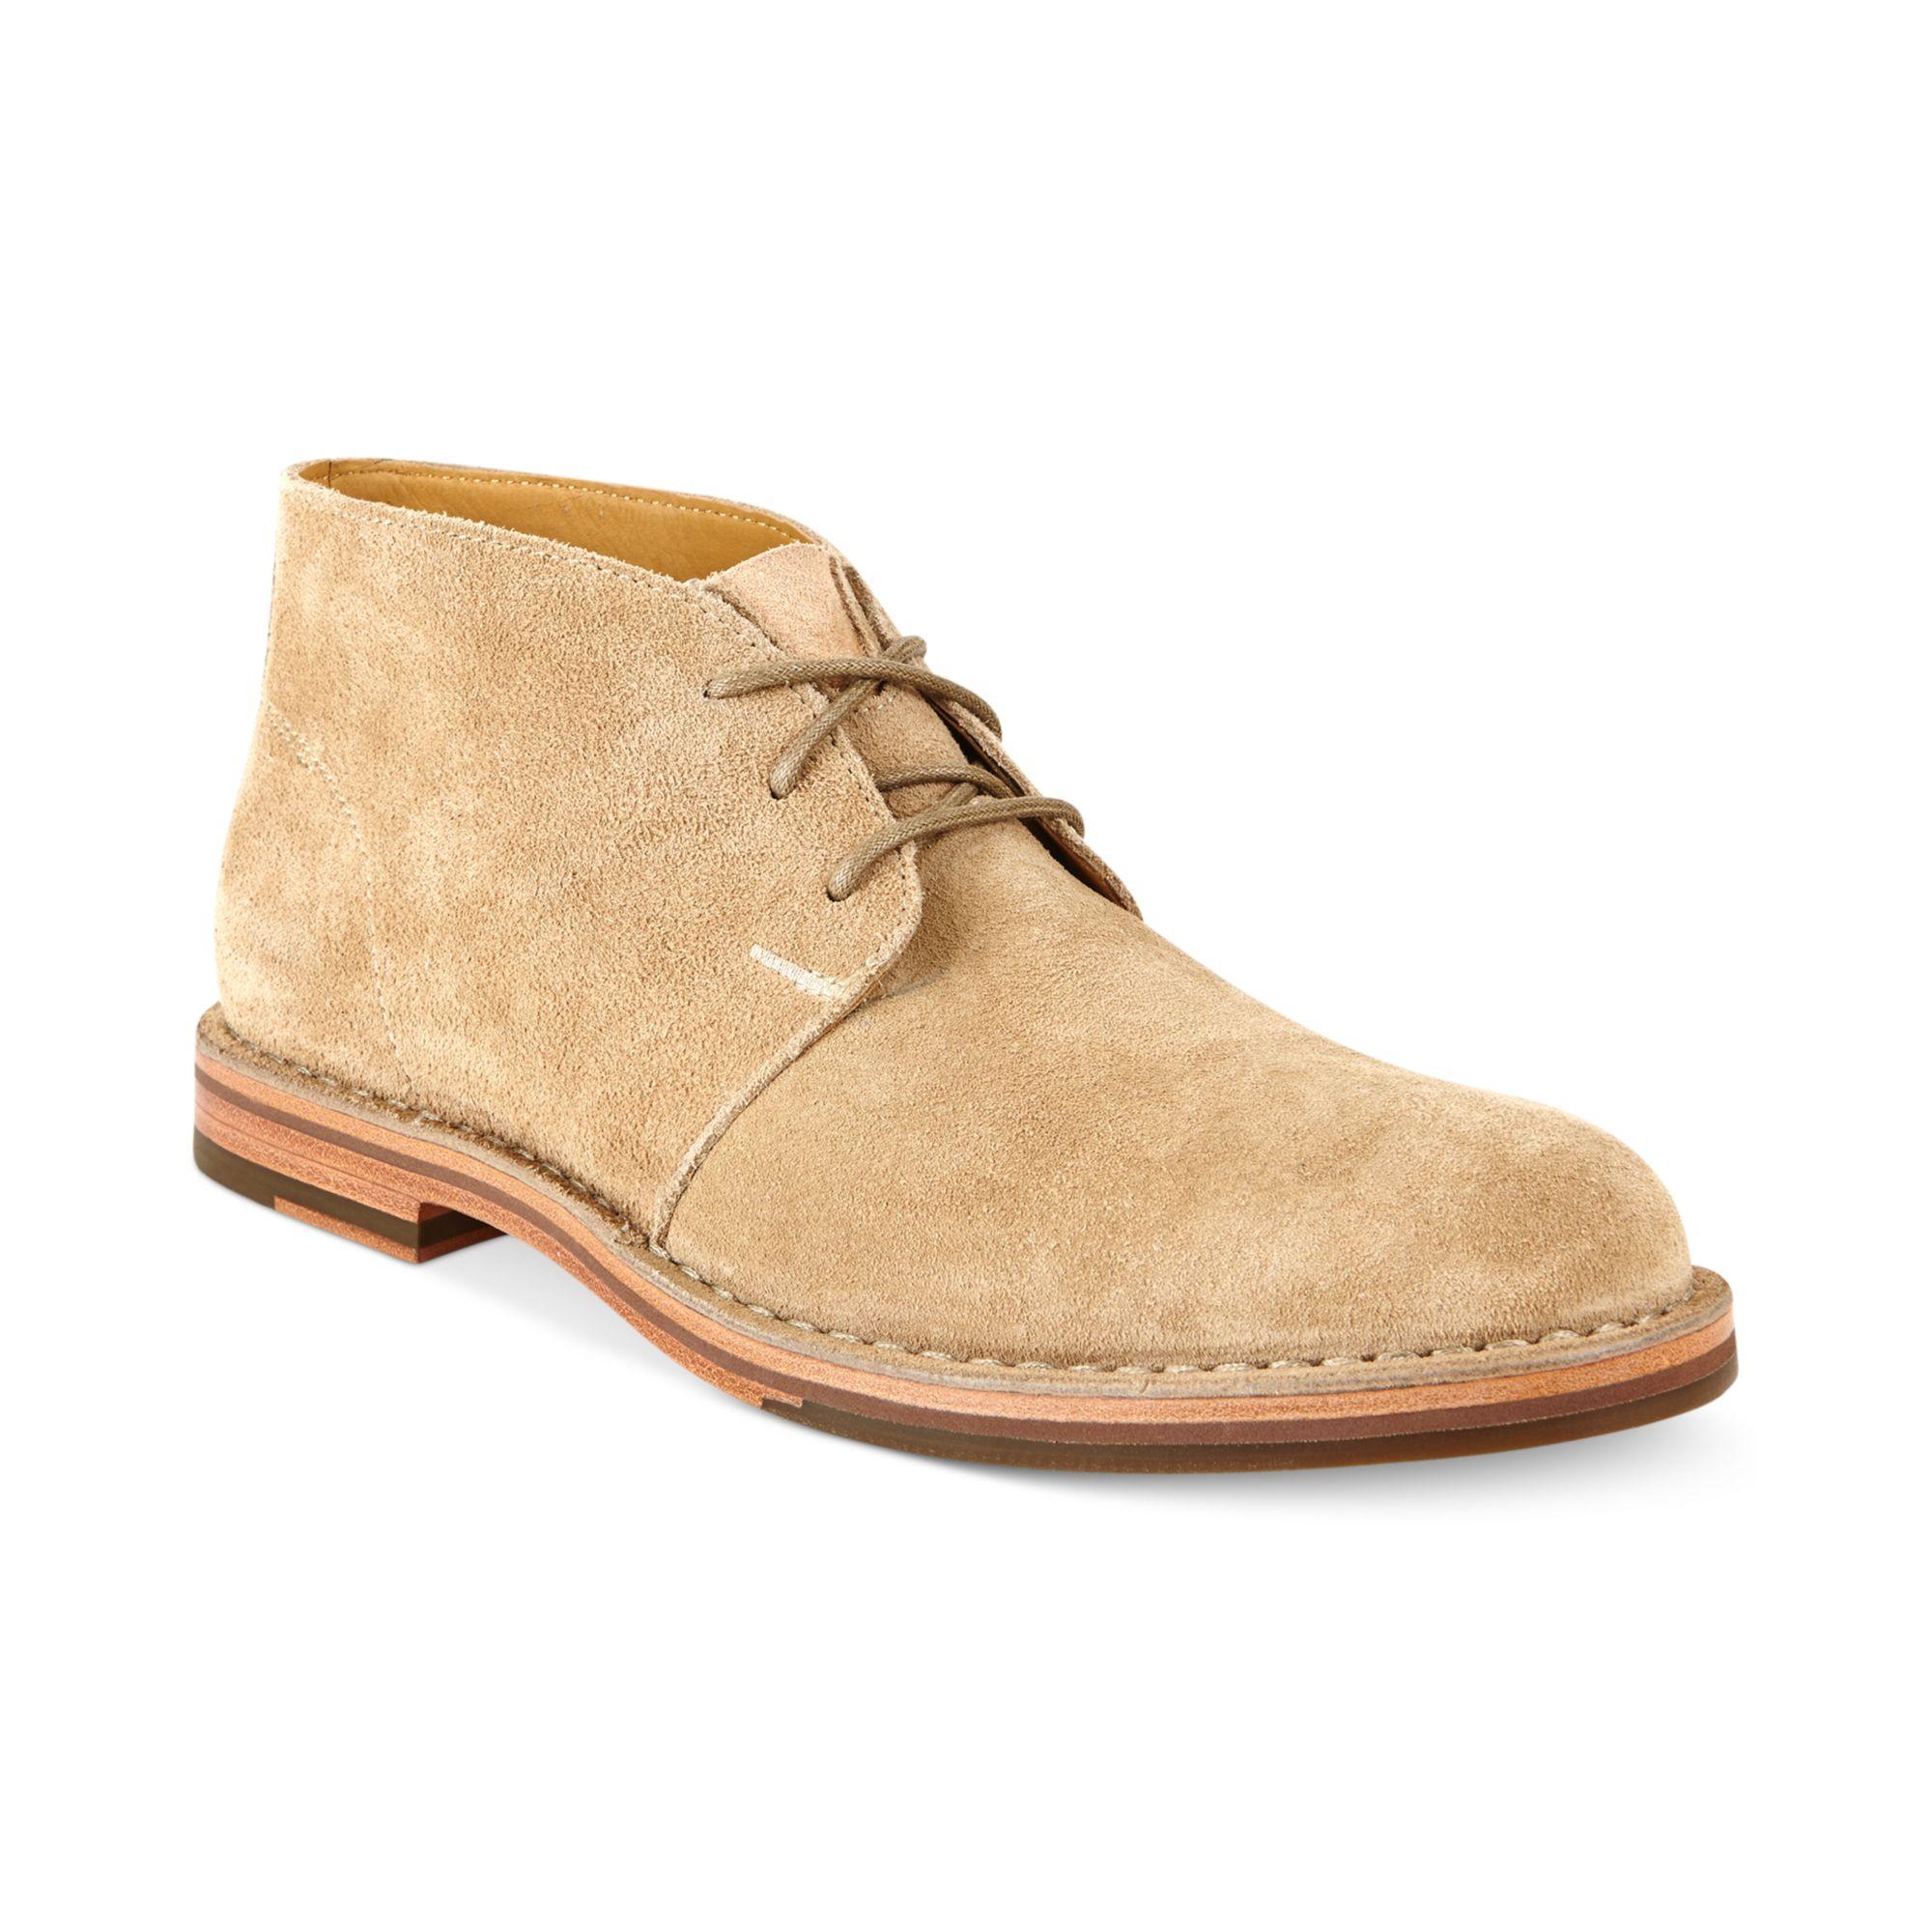 Cole Haan Glenn Chukka Boots in Natural